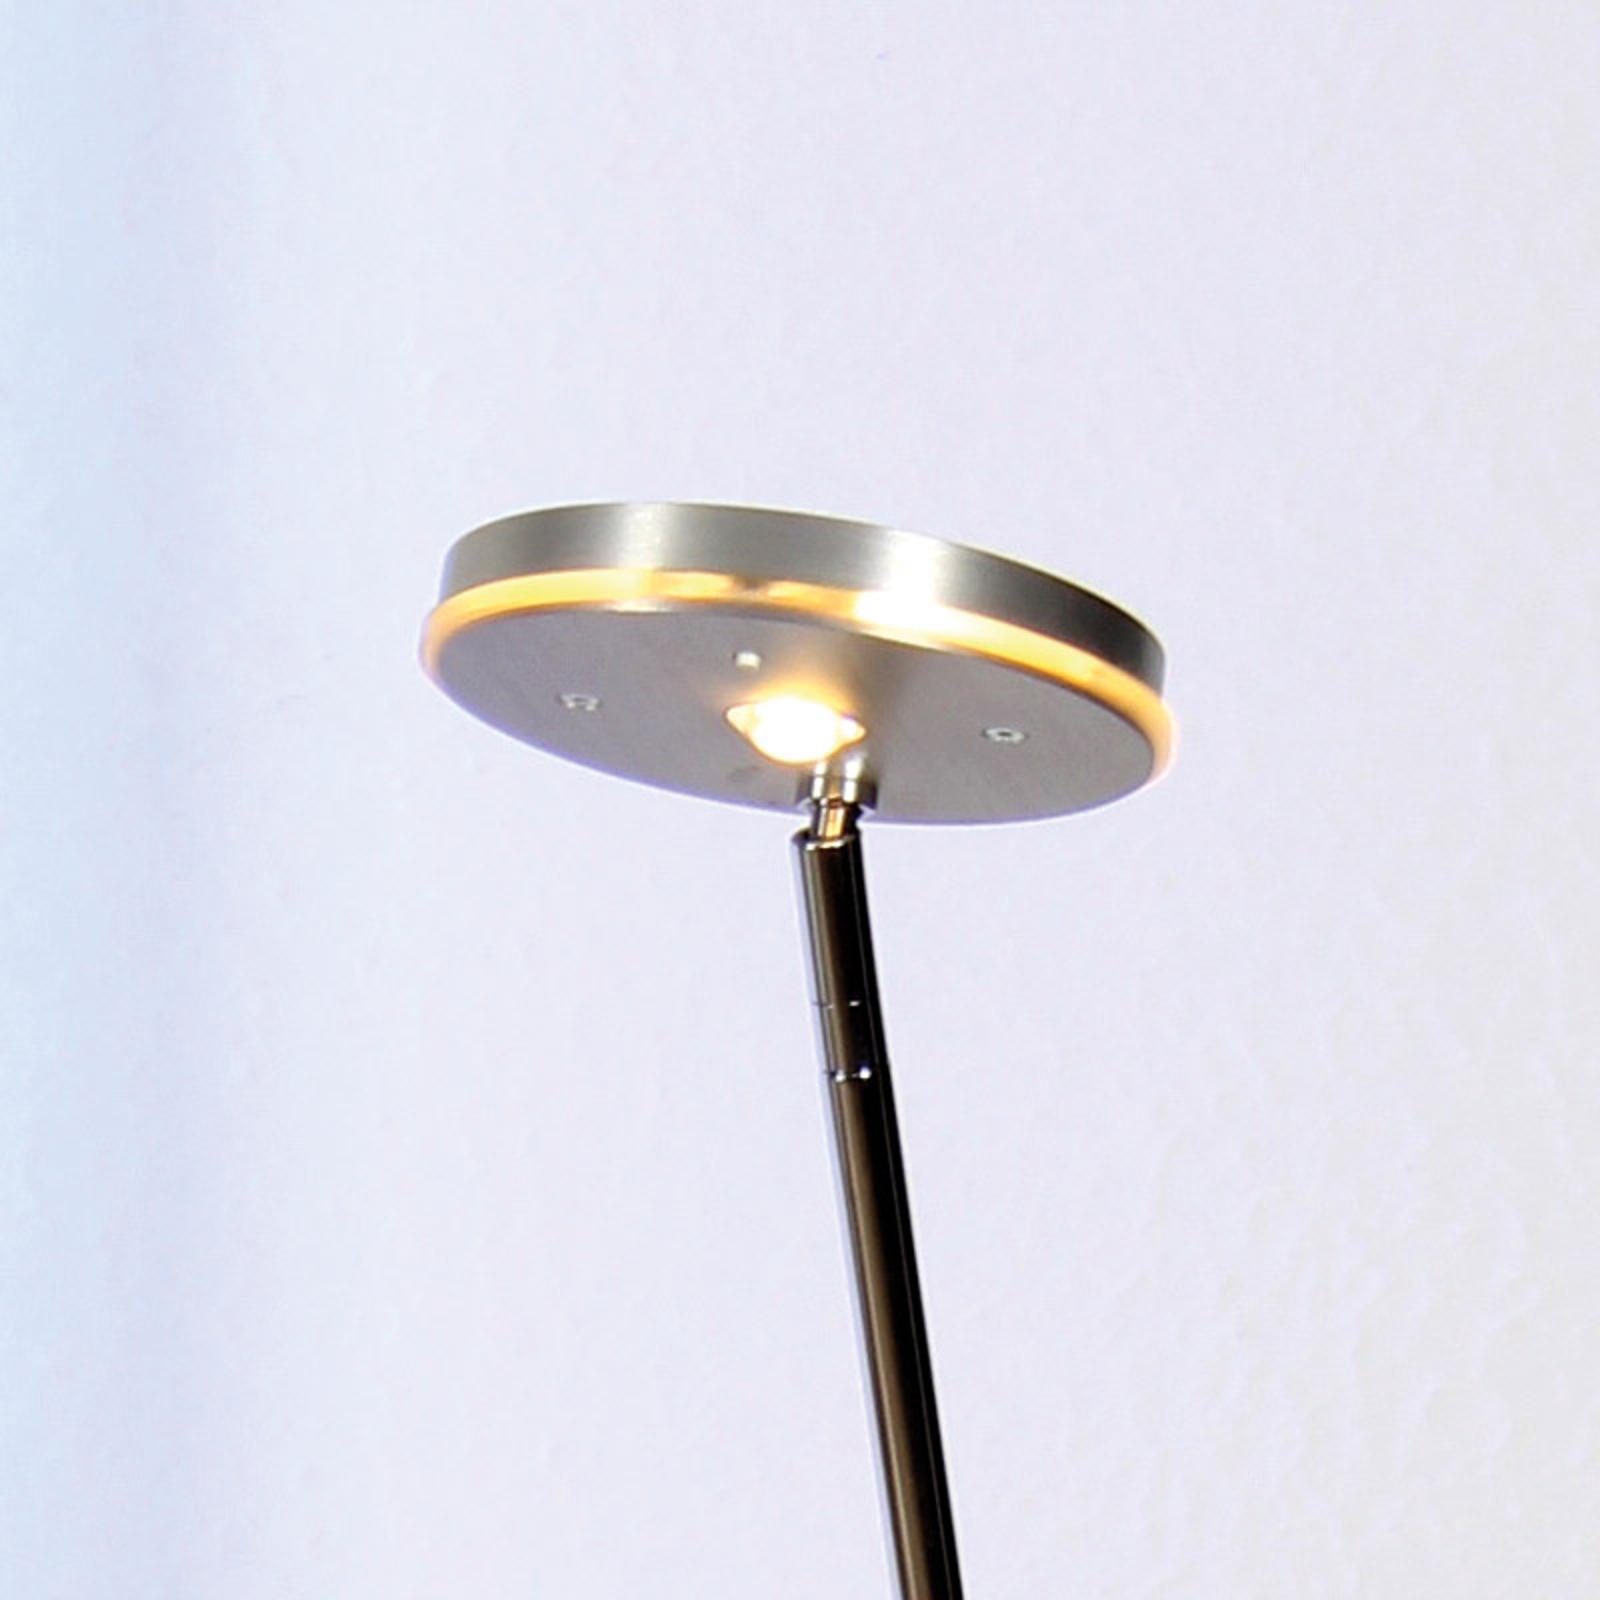 Lampadaire LED Spot It à variateur tactile 1 lampe